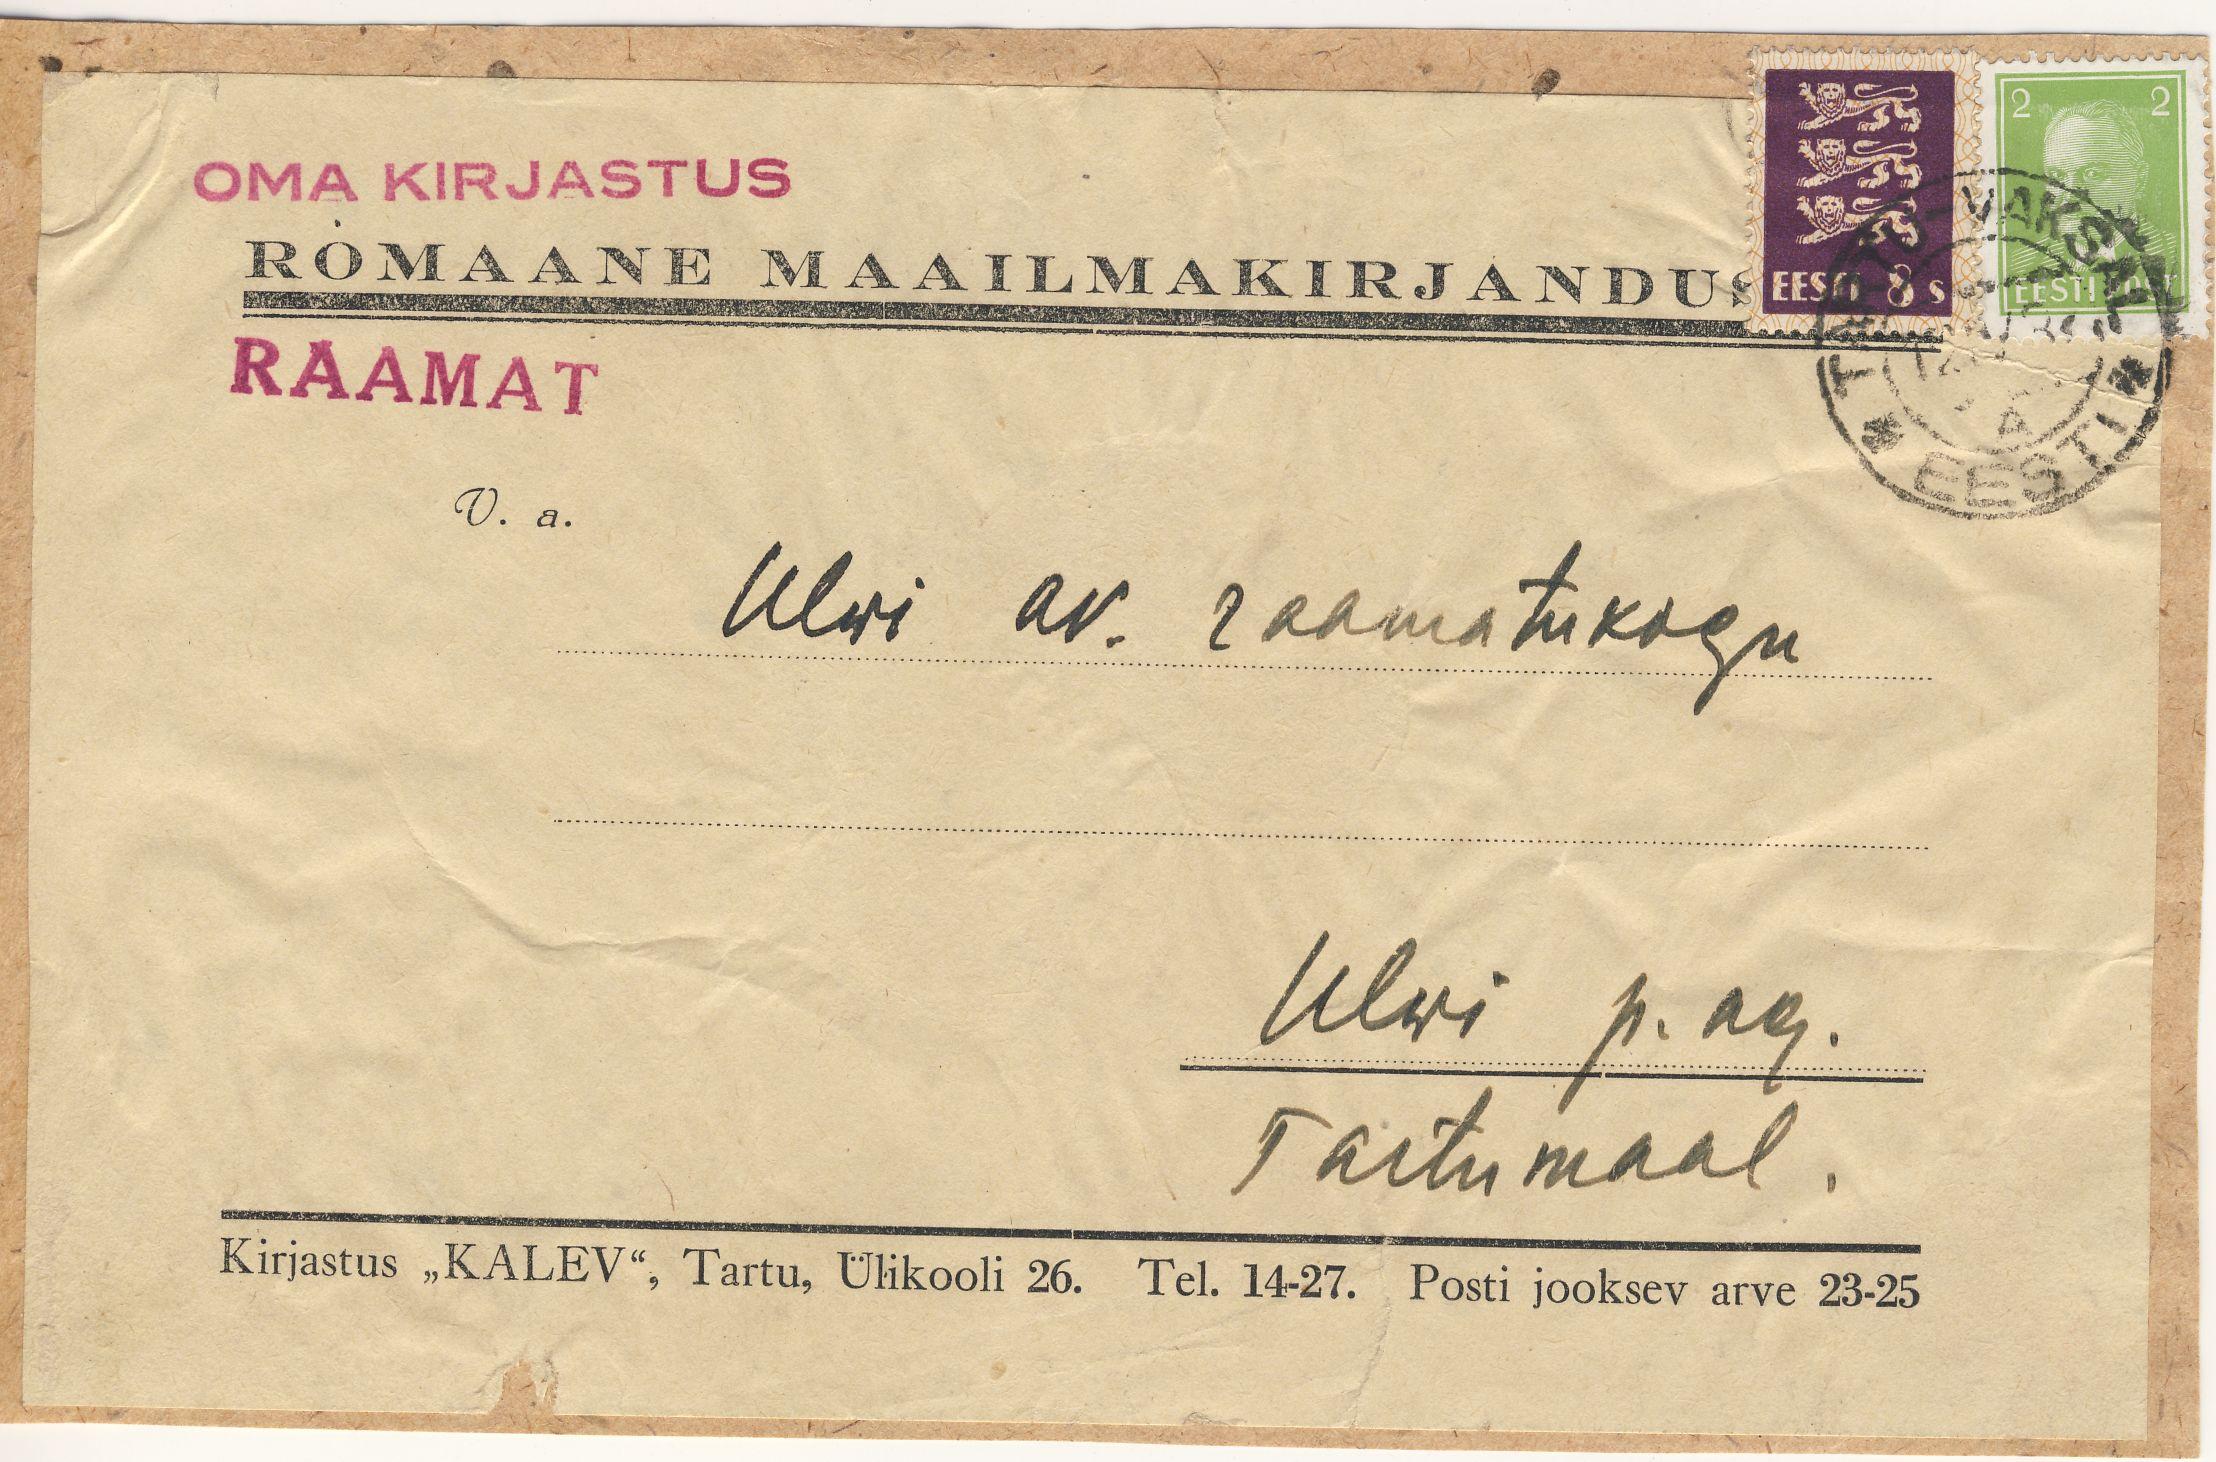 Uudsusi Eesti Postis, Elmar Ojaste_html_m8f16919